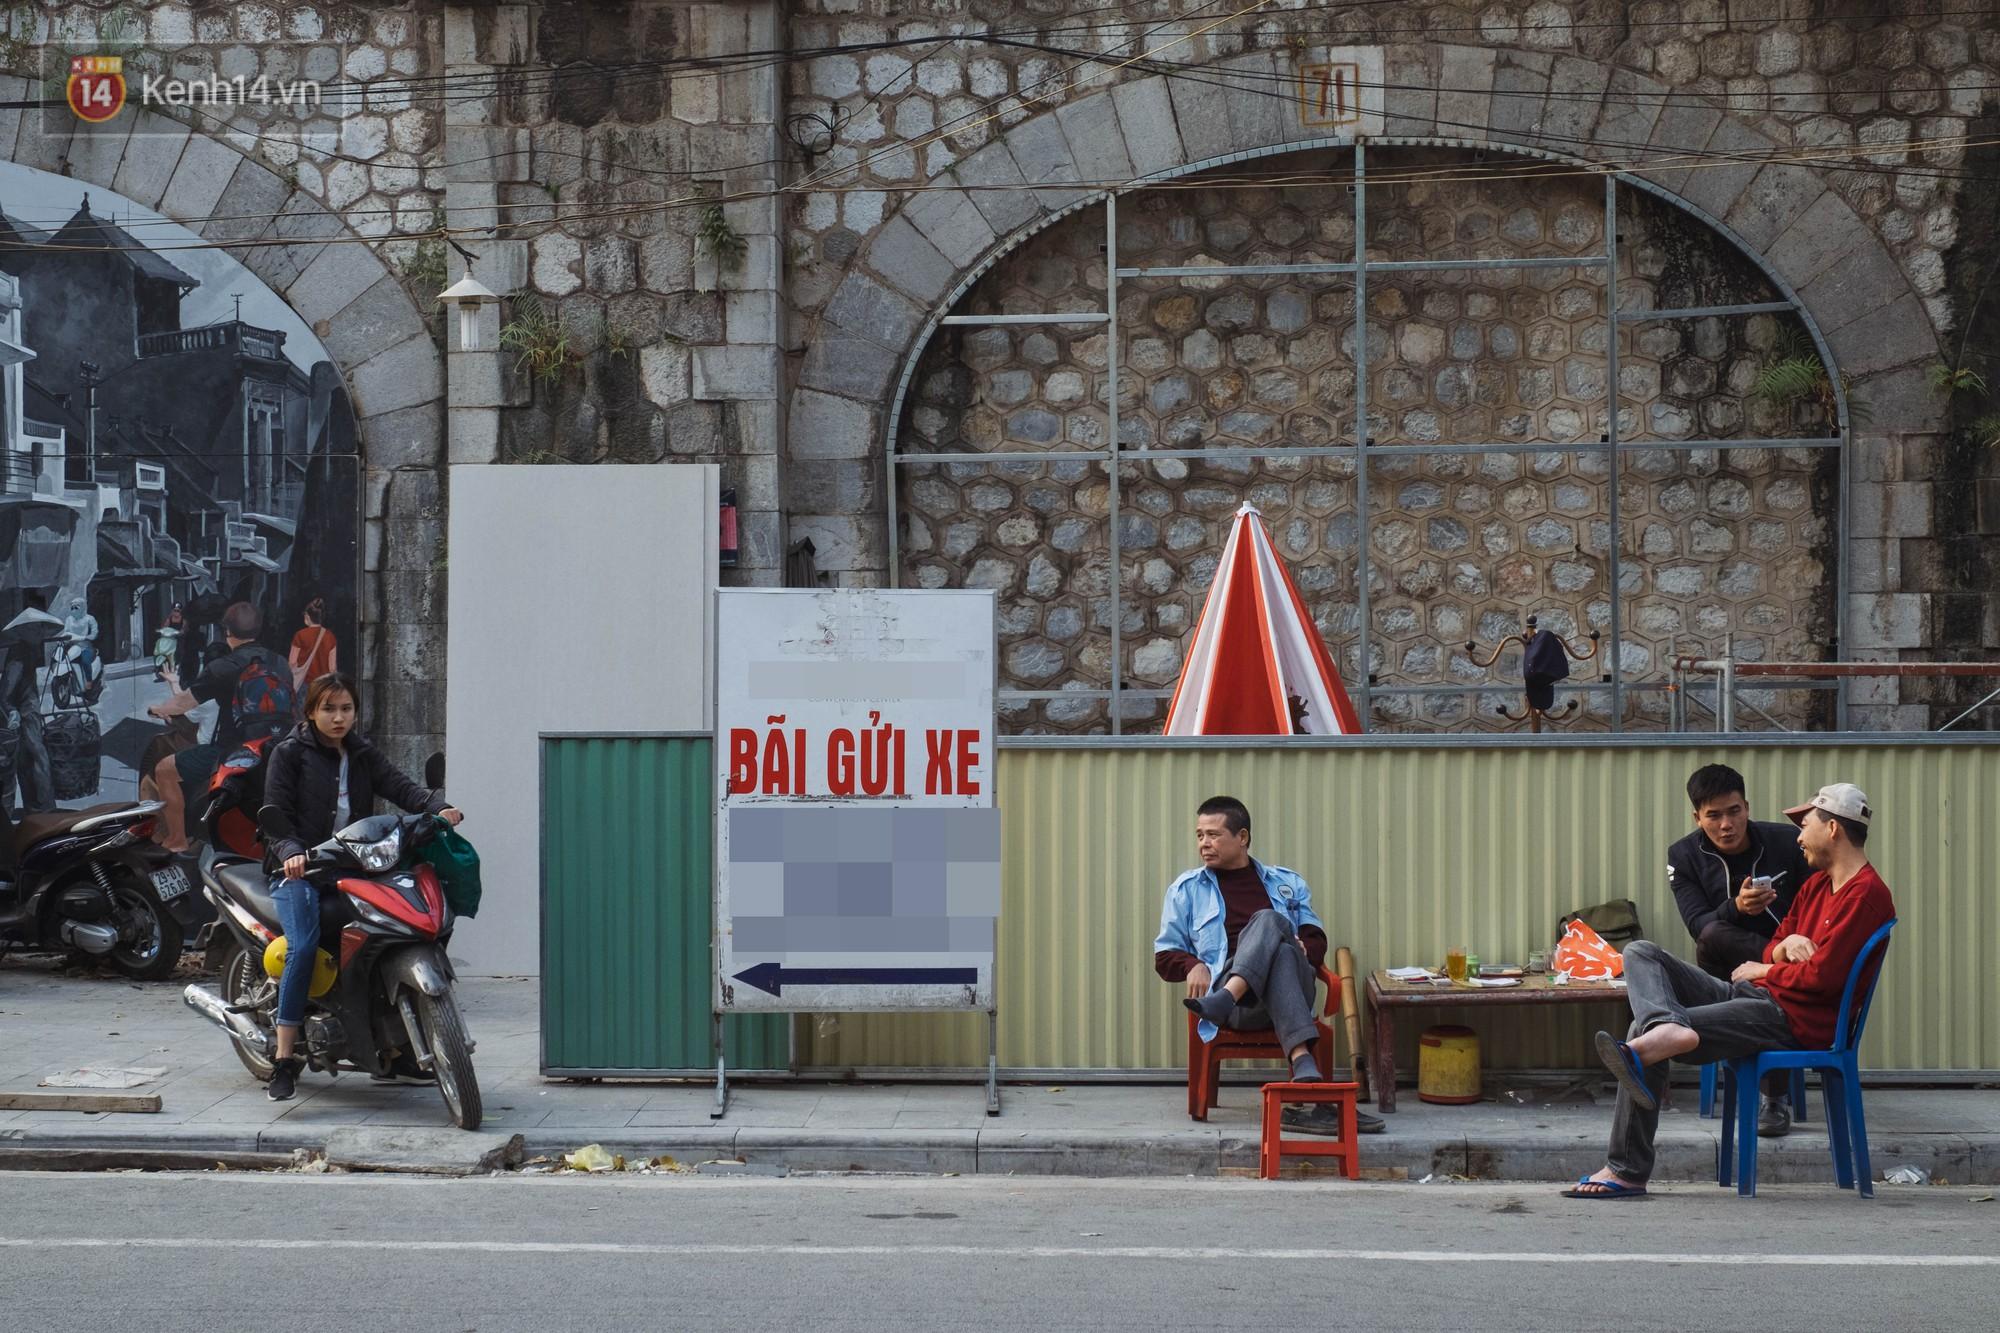 Hà Nội: Dự án bích họa trên phố Phùng Hưng bị đắp chiếu, biến thành bãi gửi xe bất đắc dĩ sau 1 tháng triển khai - Ảnh 7.